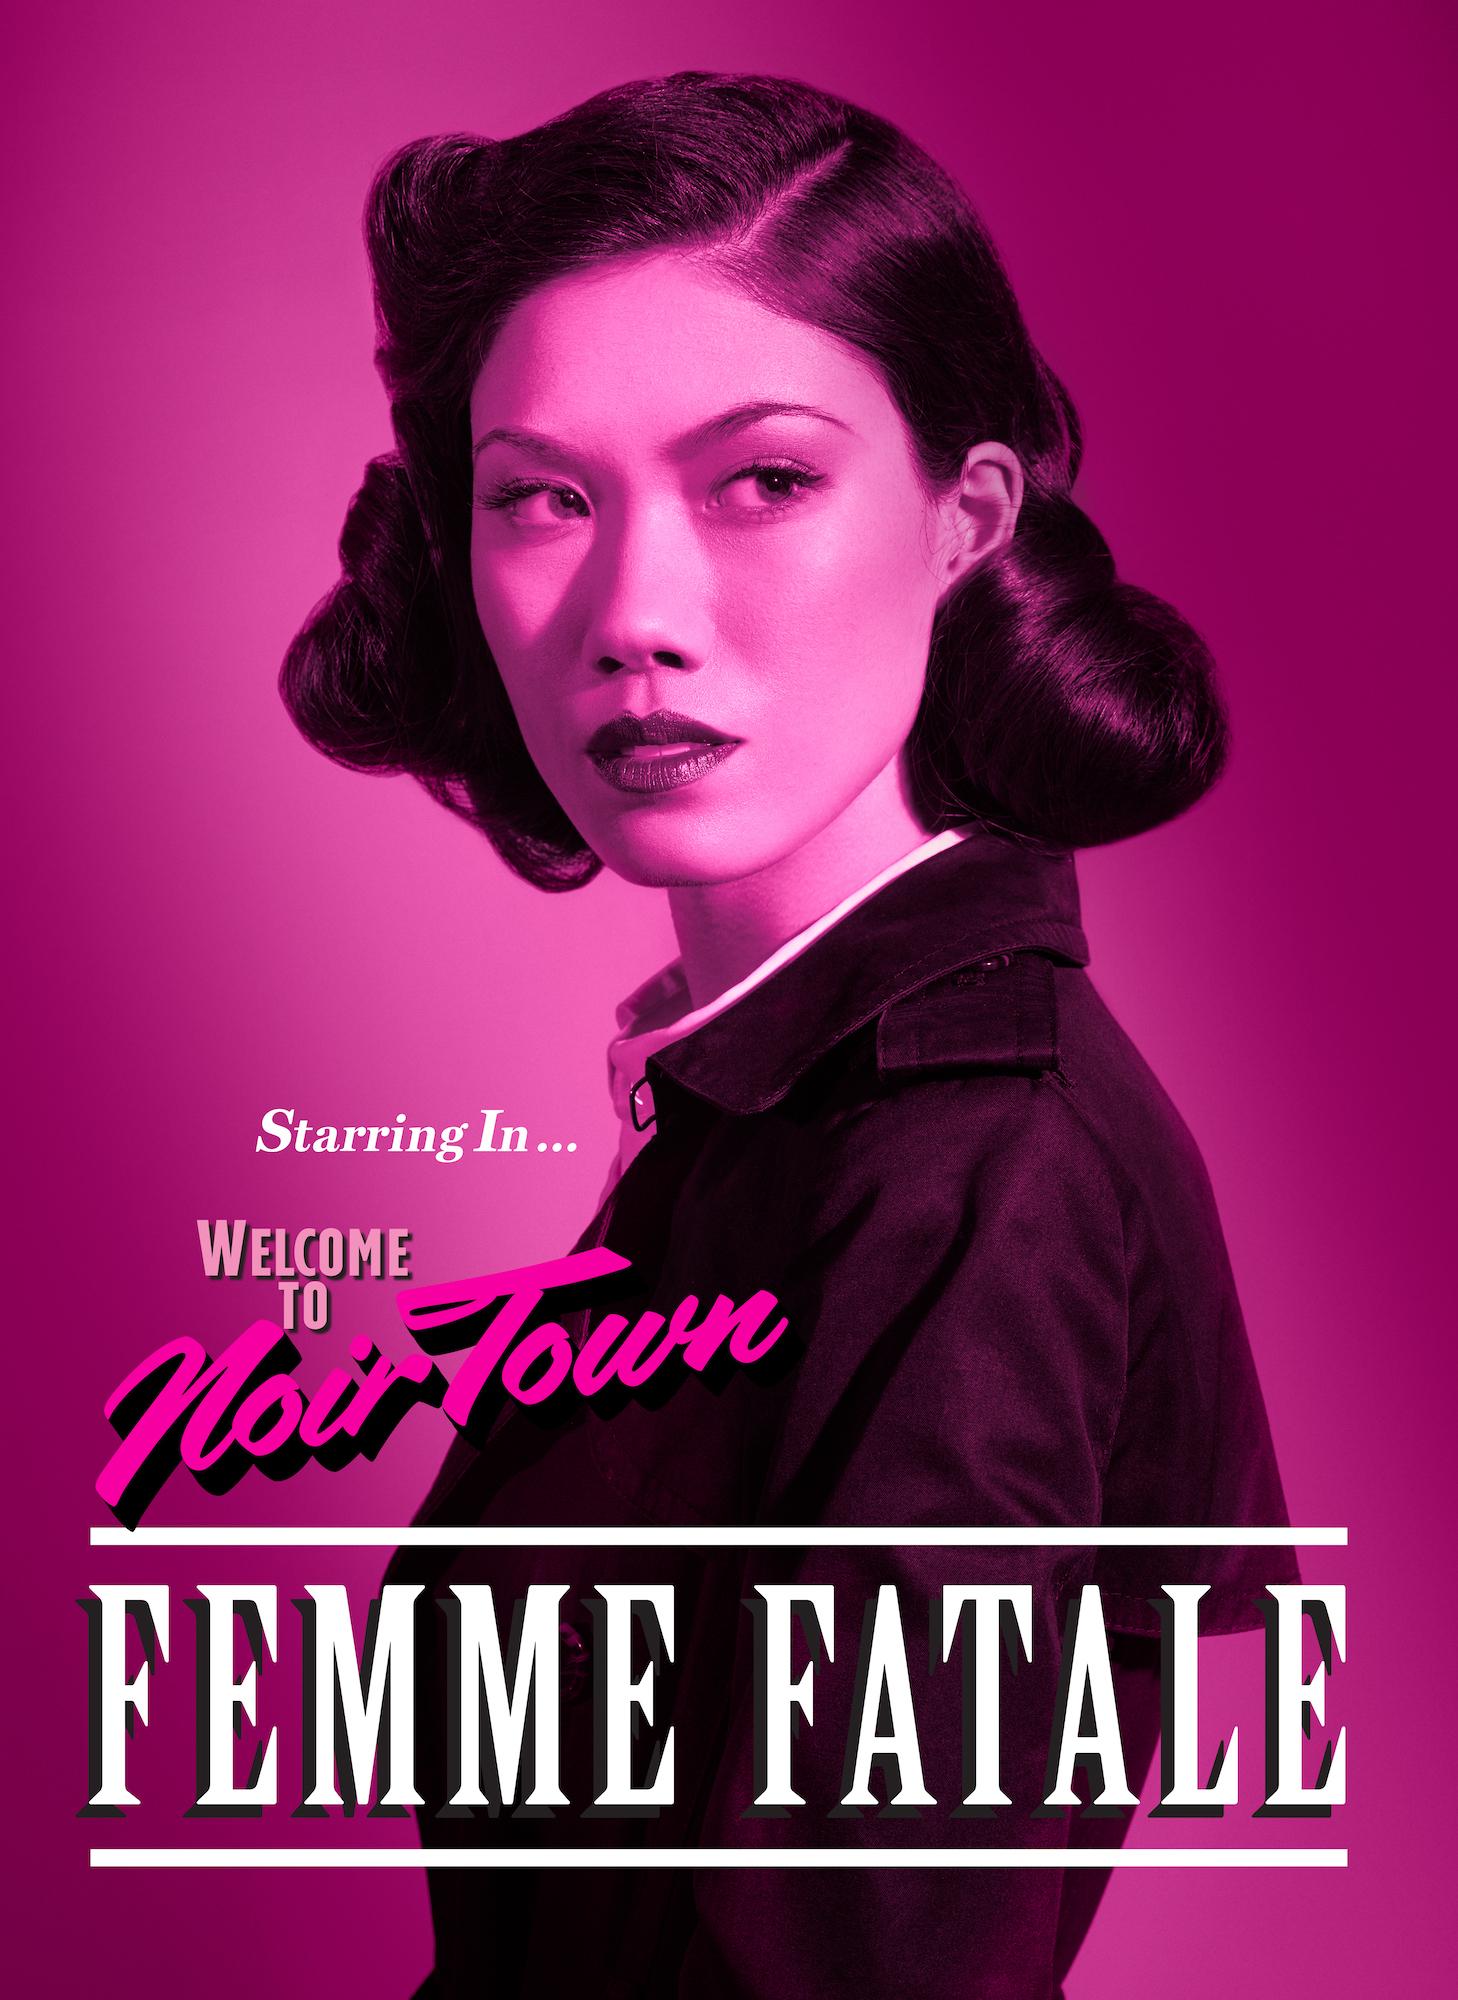 FULL FEMME FATALE.jpg